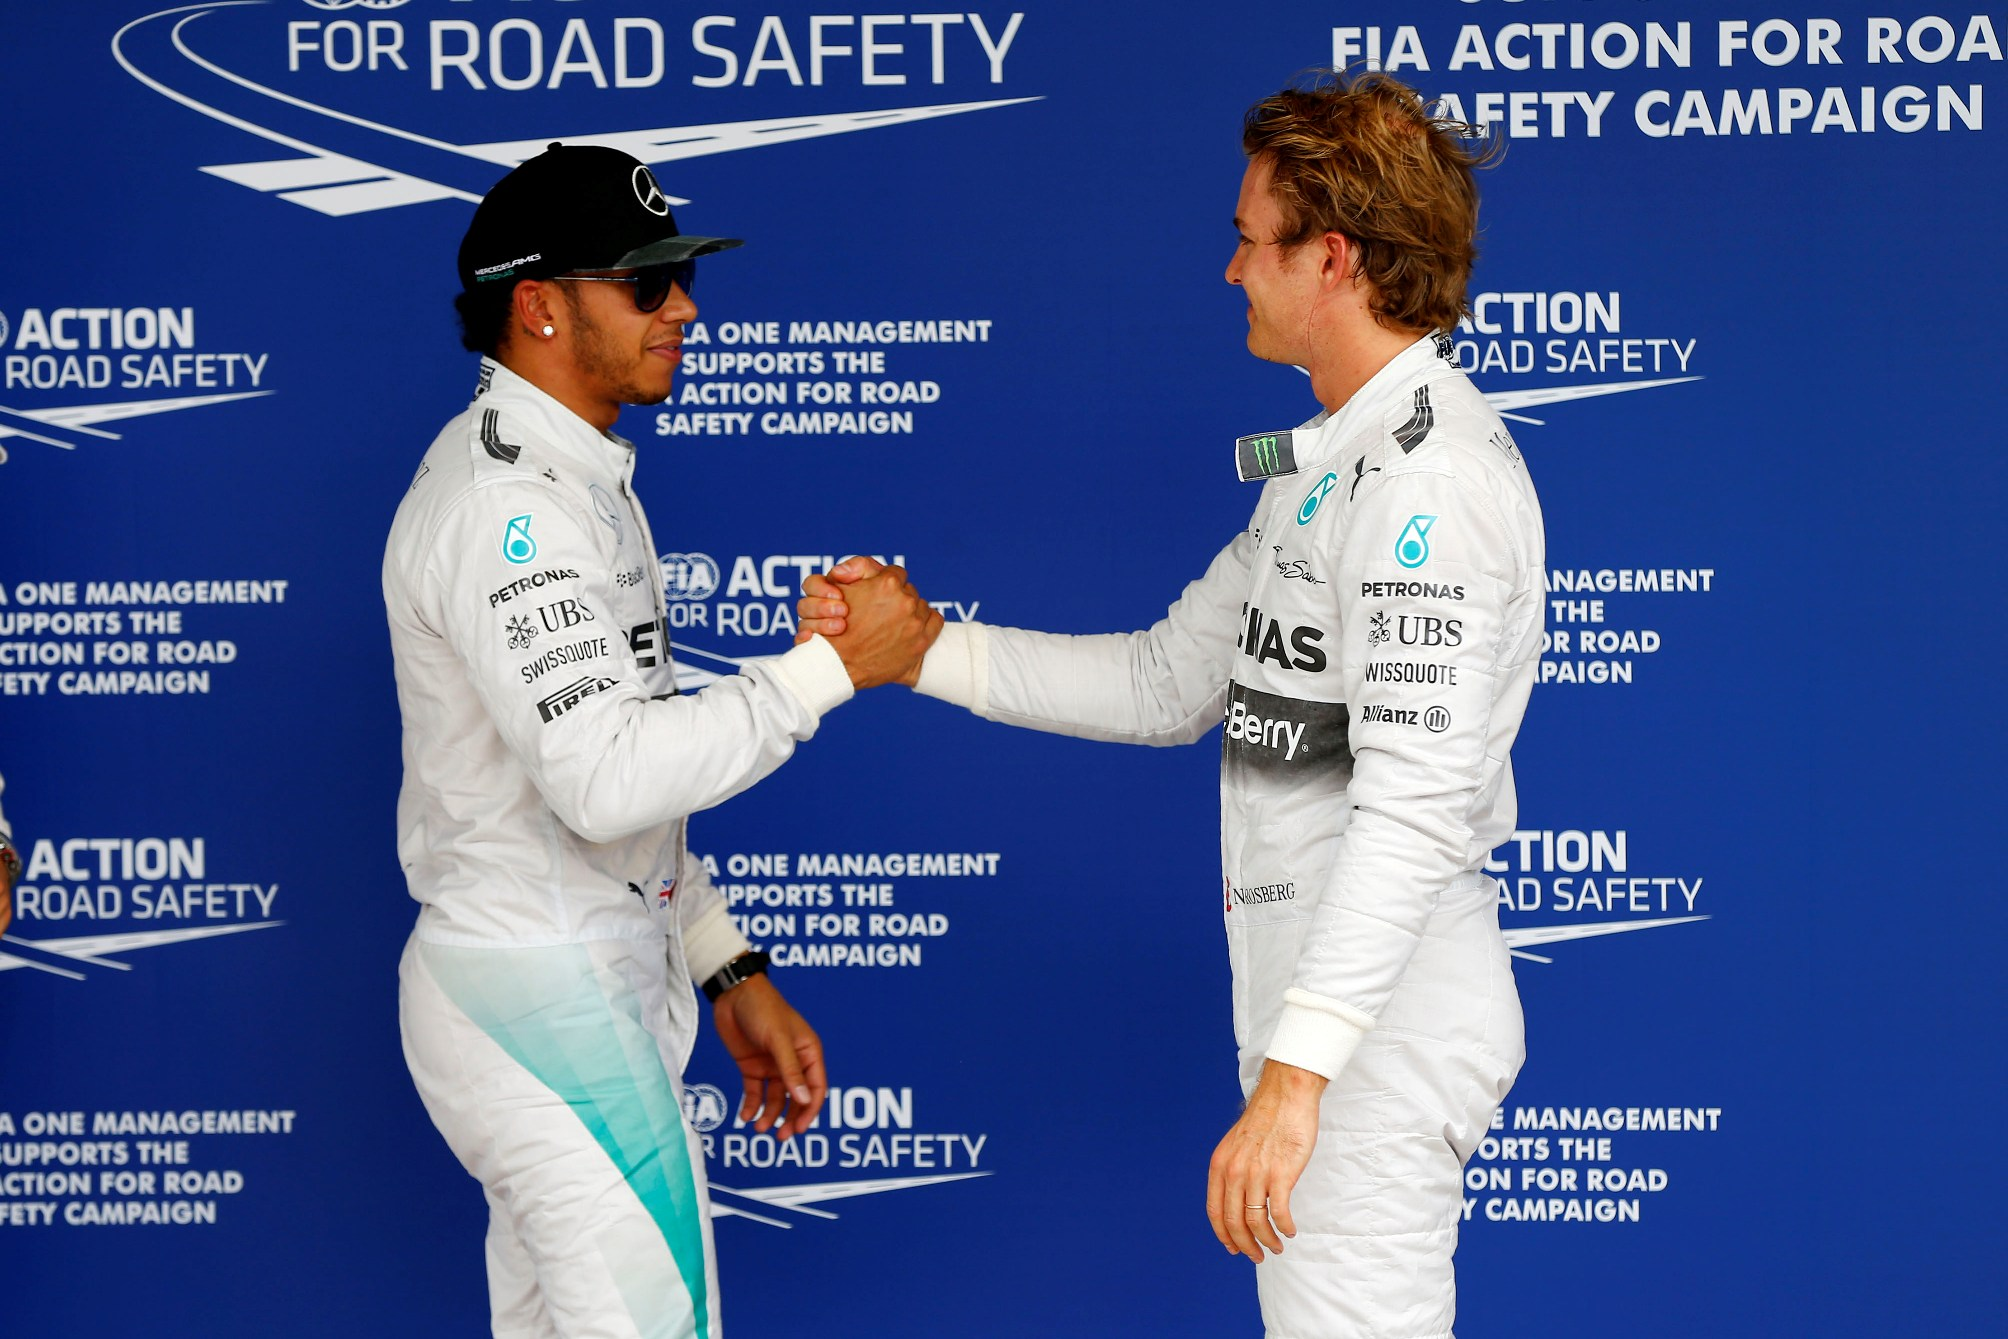 Marele Premiu de la Abu Dhabi va decide campionul